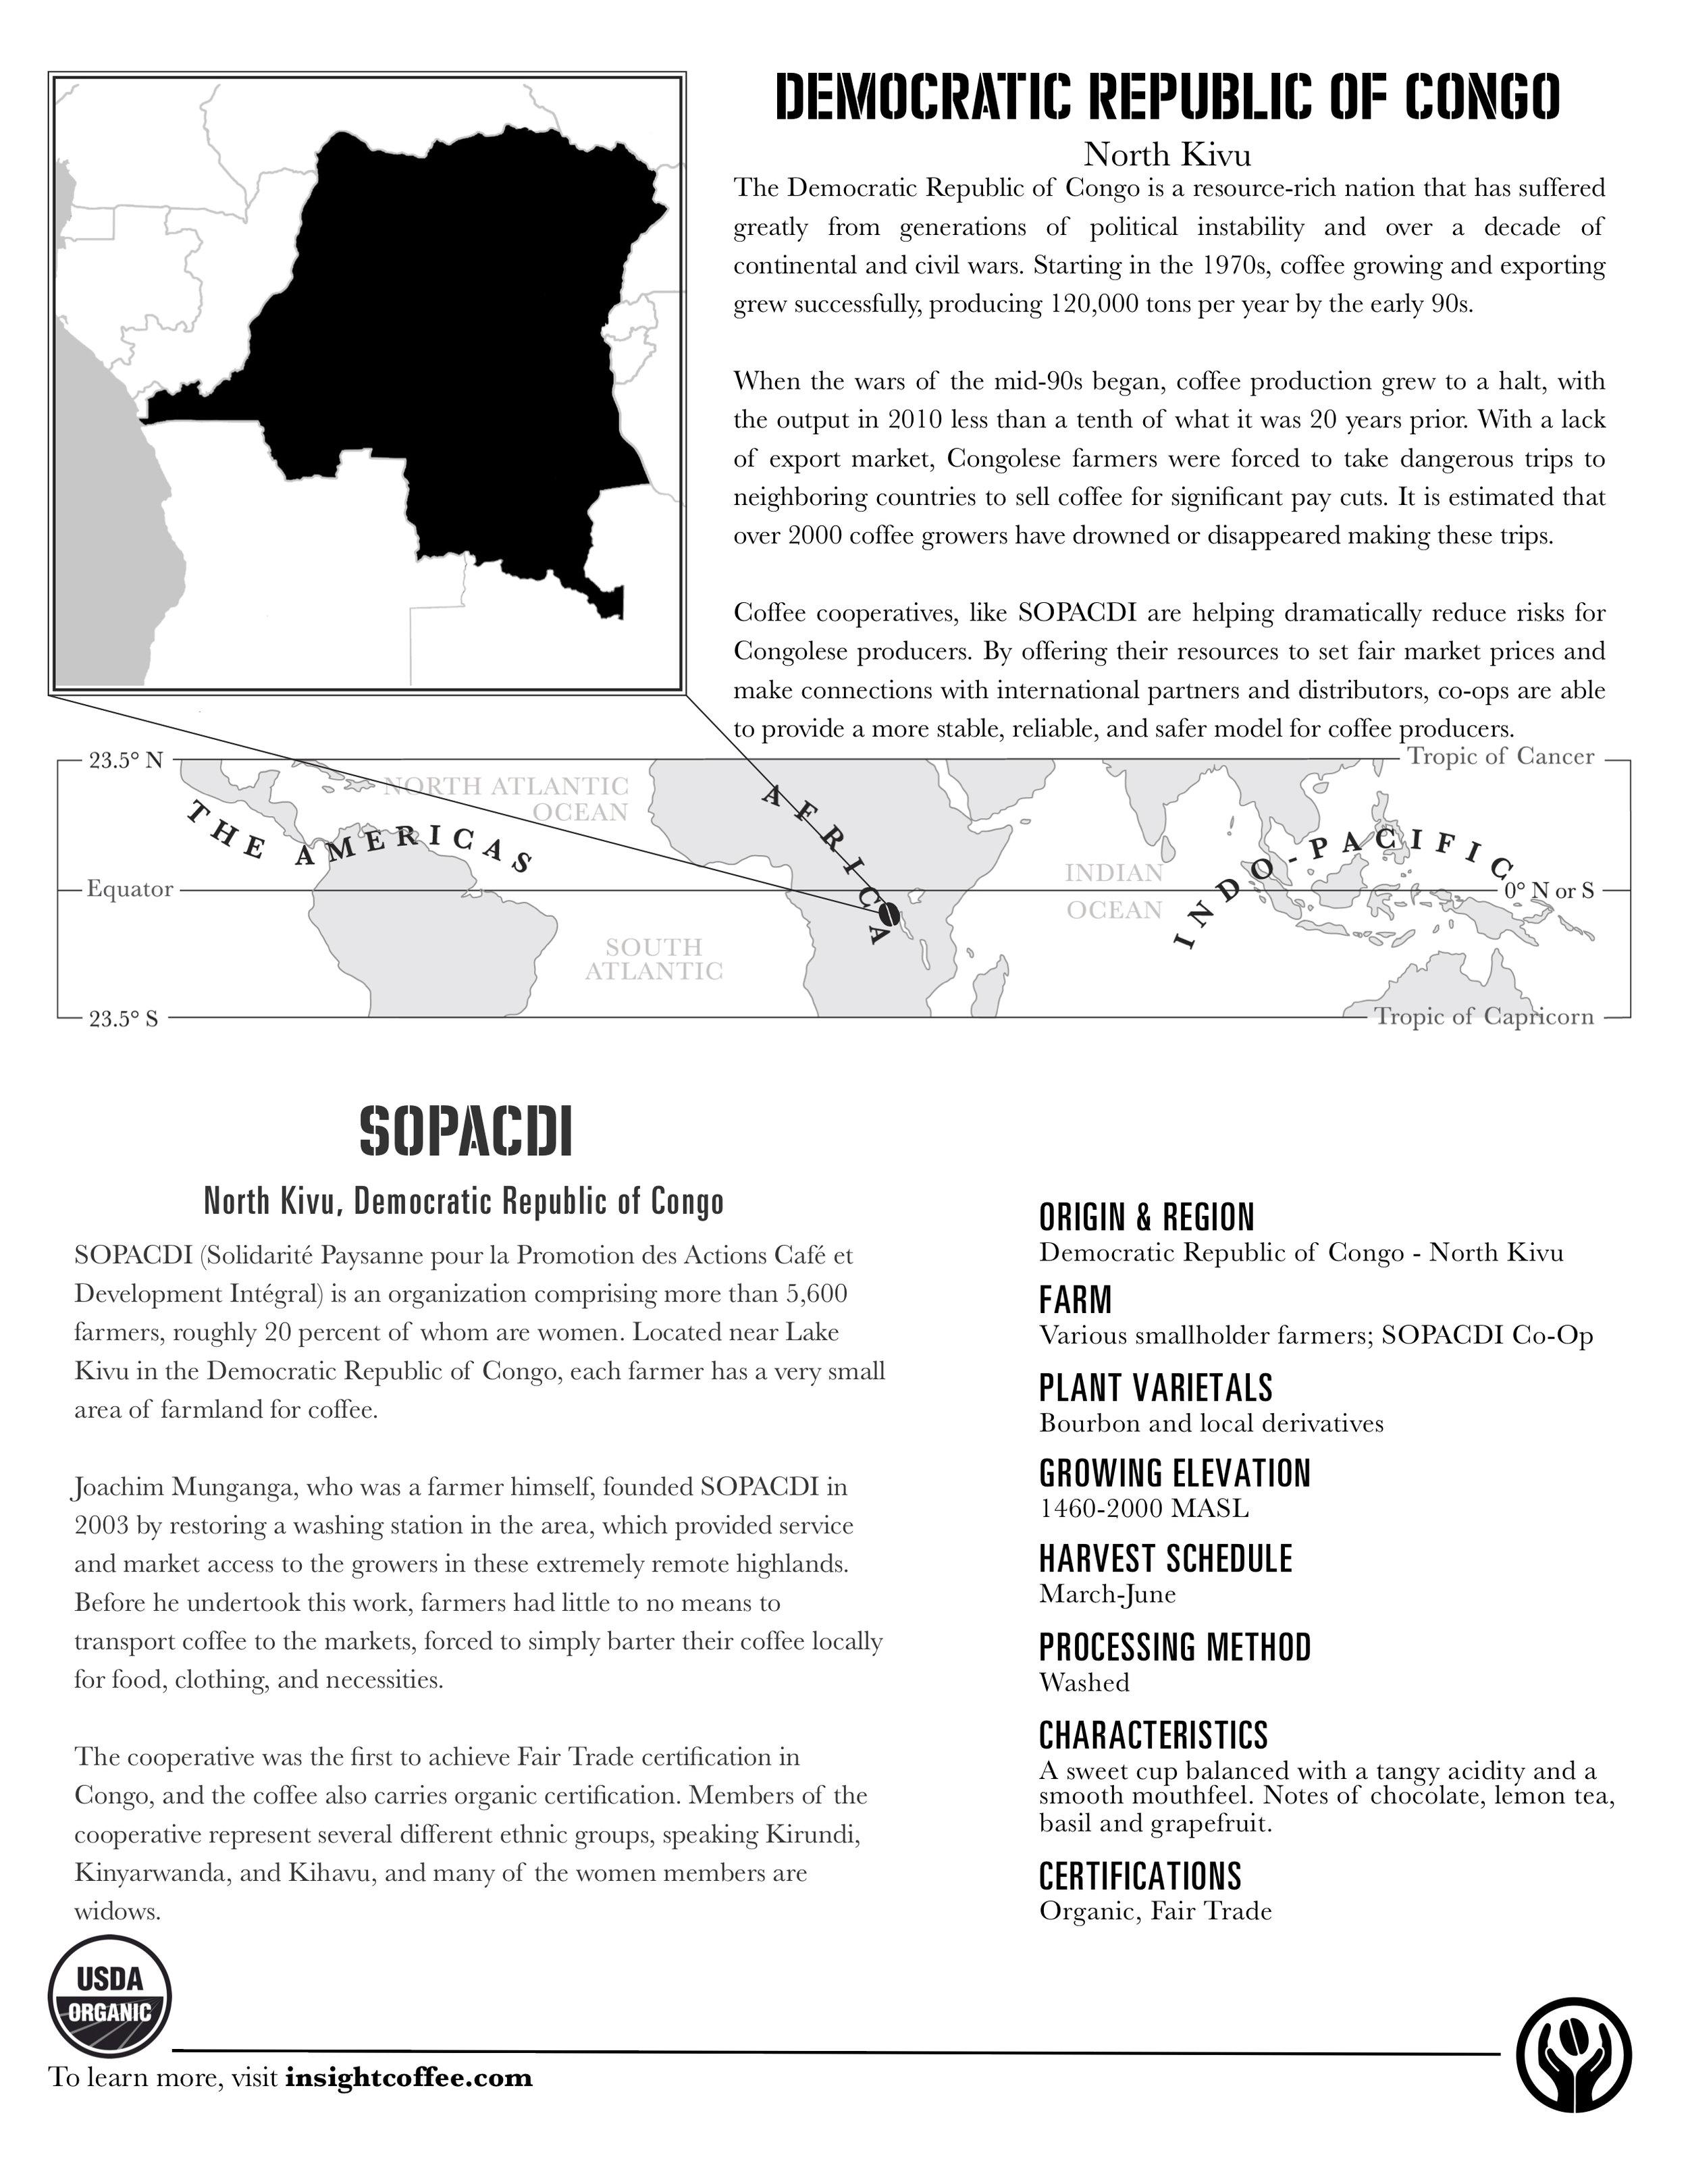 DRC_NorthKivu